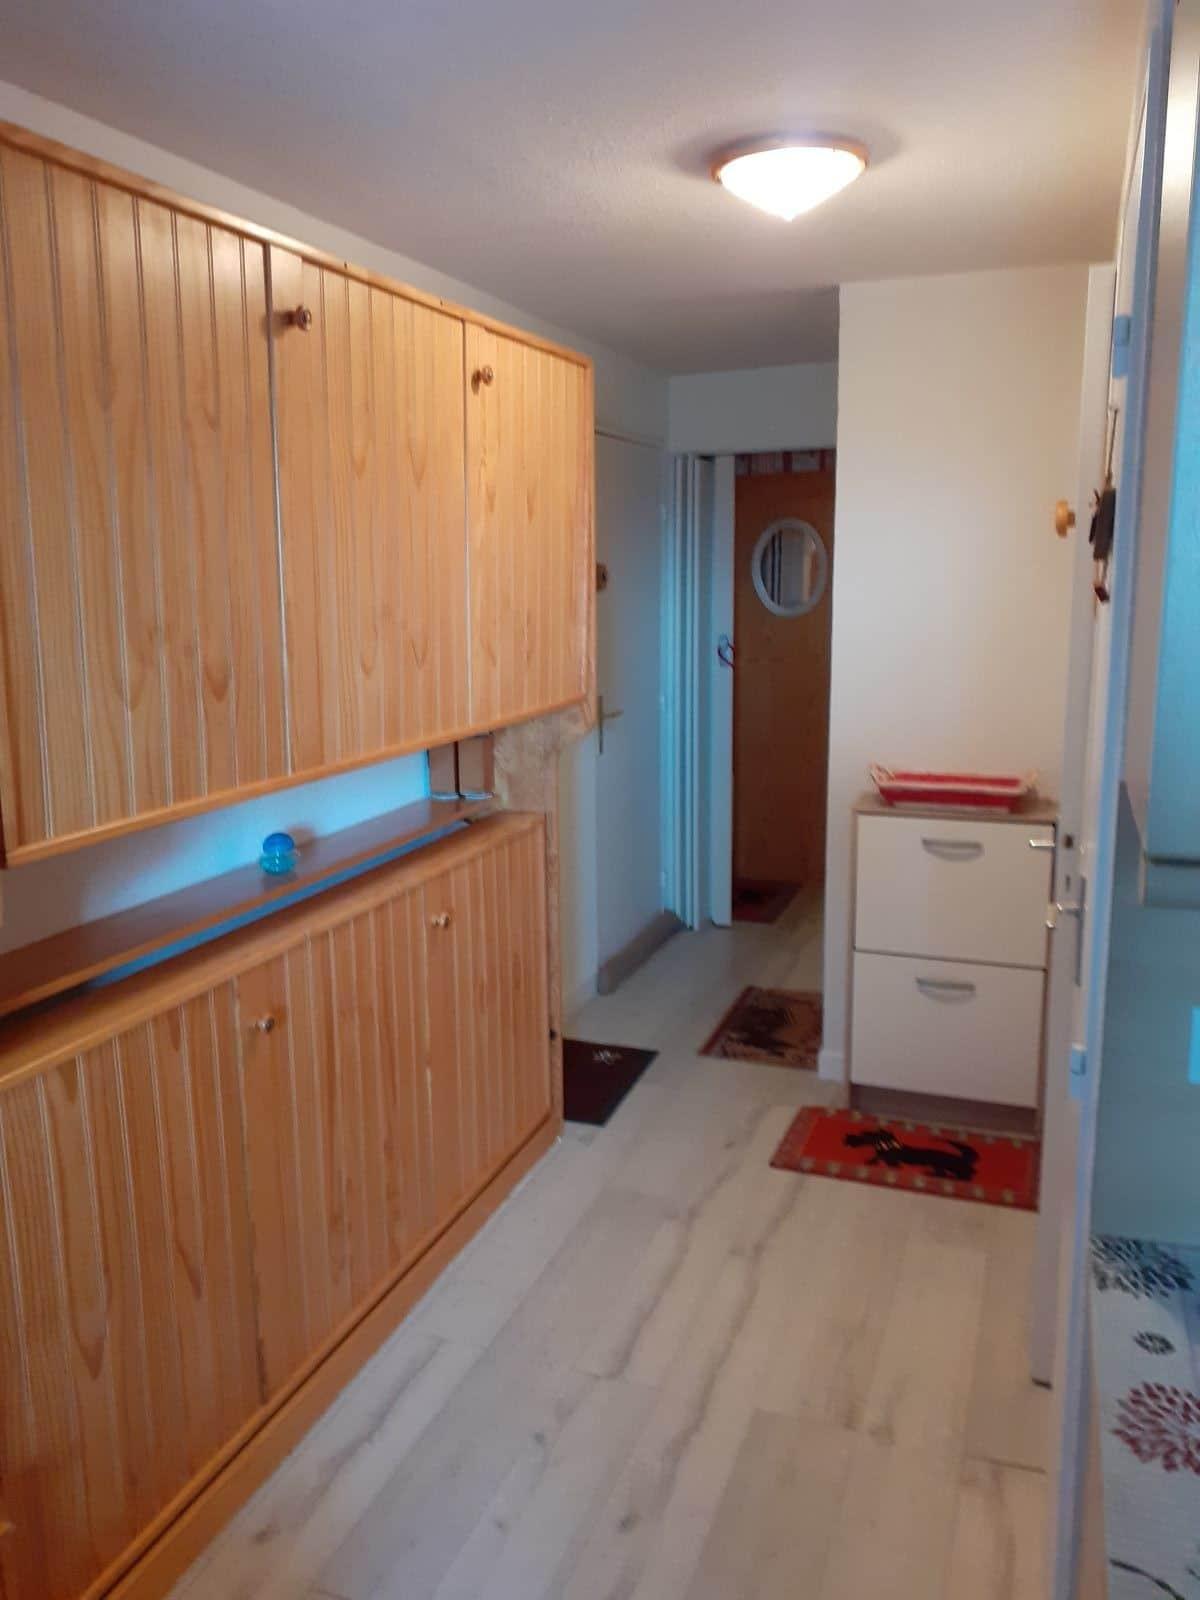 20201216 152225 - SAINT-LEGER-LES-MELEZES STUDIO DE 26 m² (4 COUCHAGES)